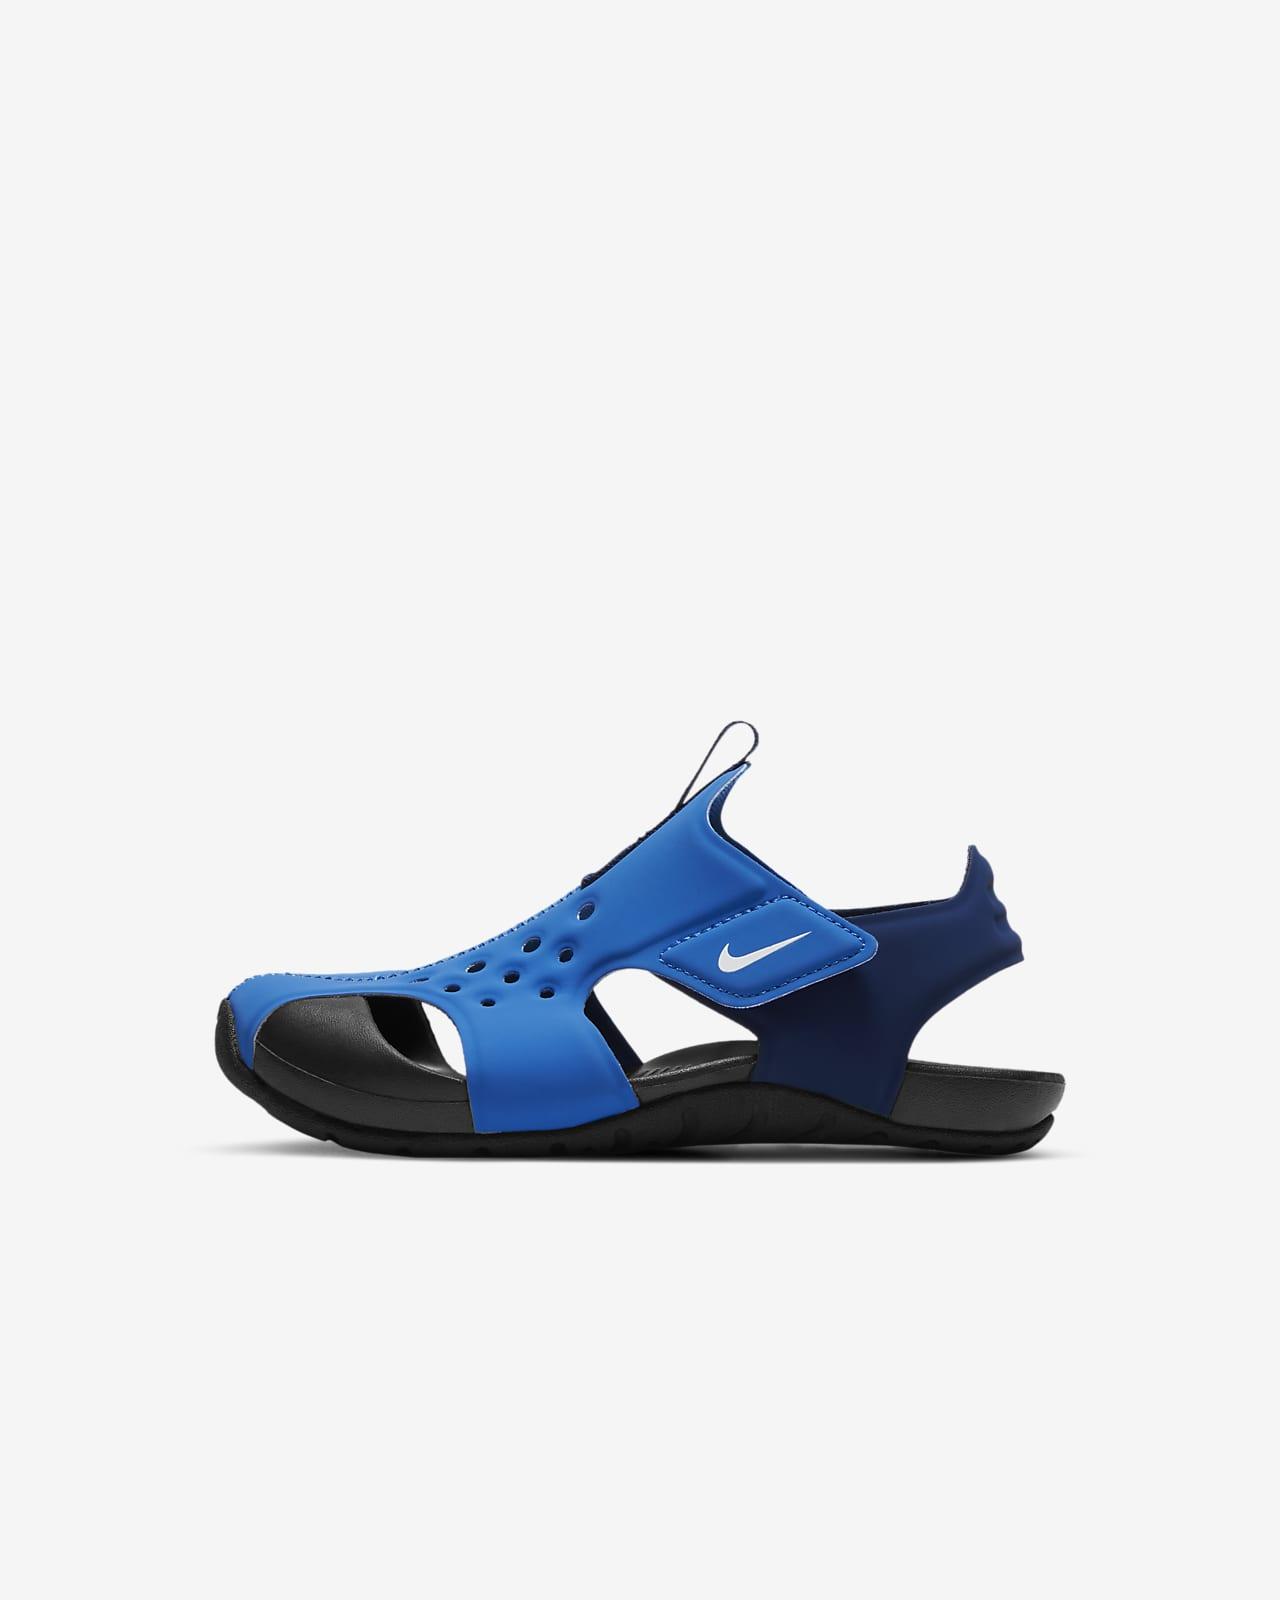 Sandálias Nike Sunray Protect 2 para criança